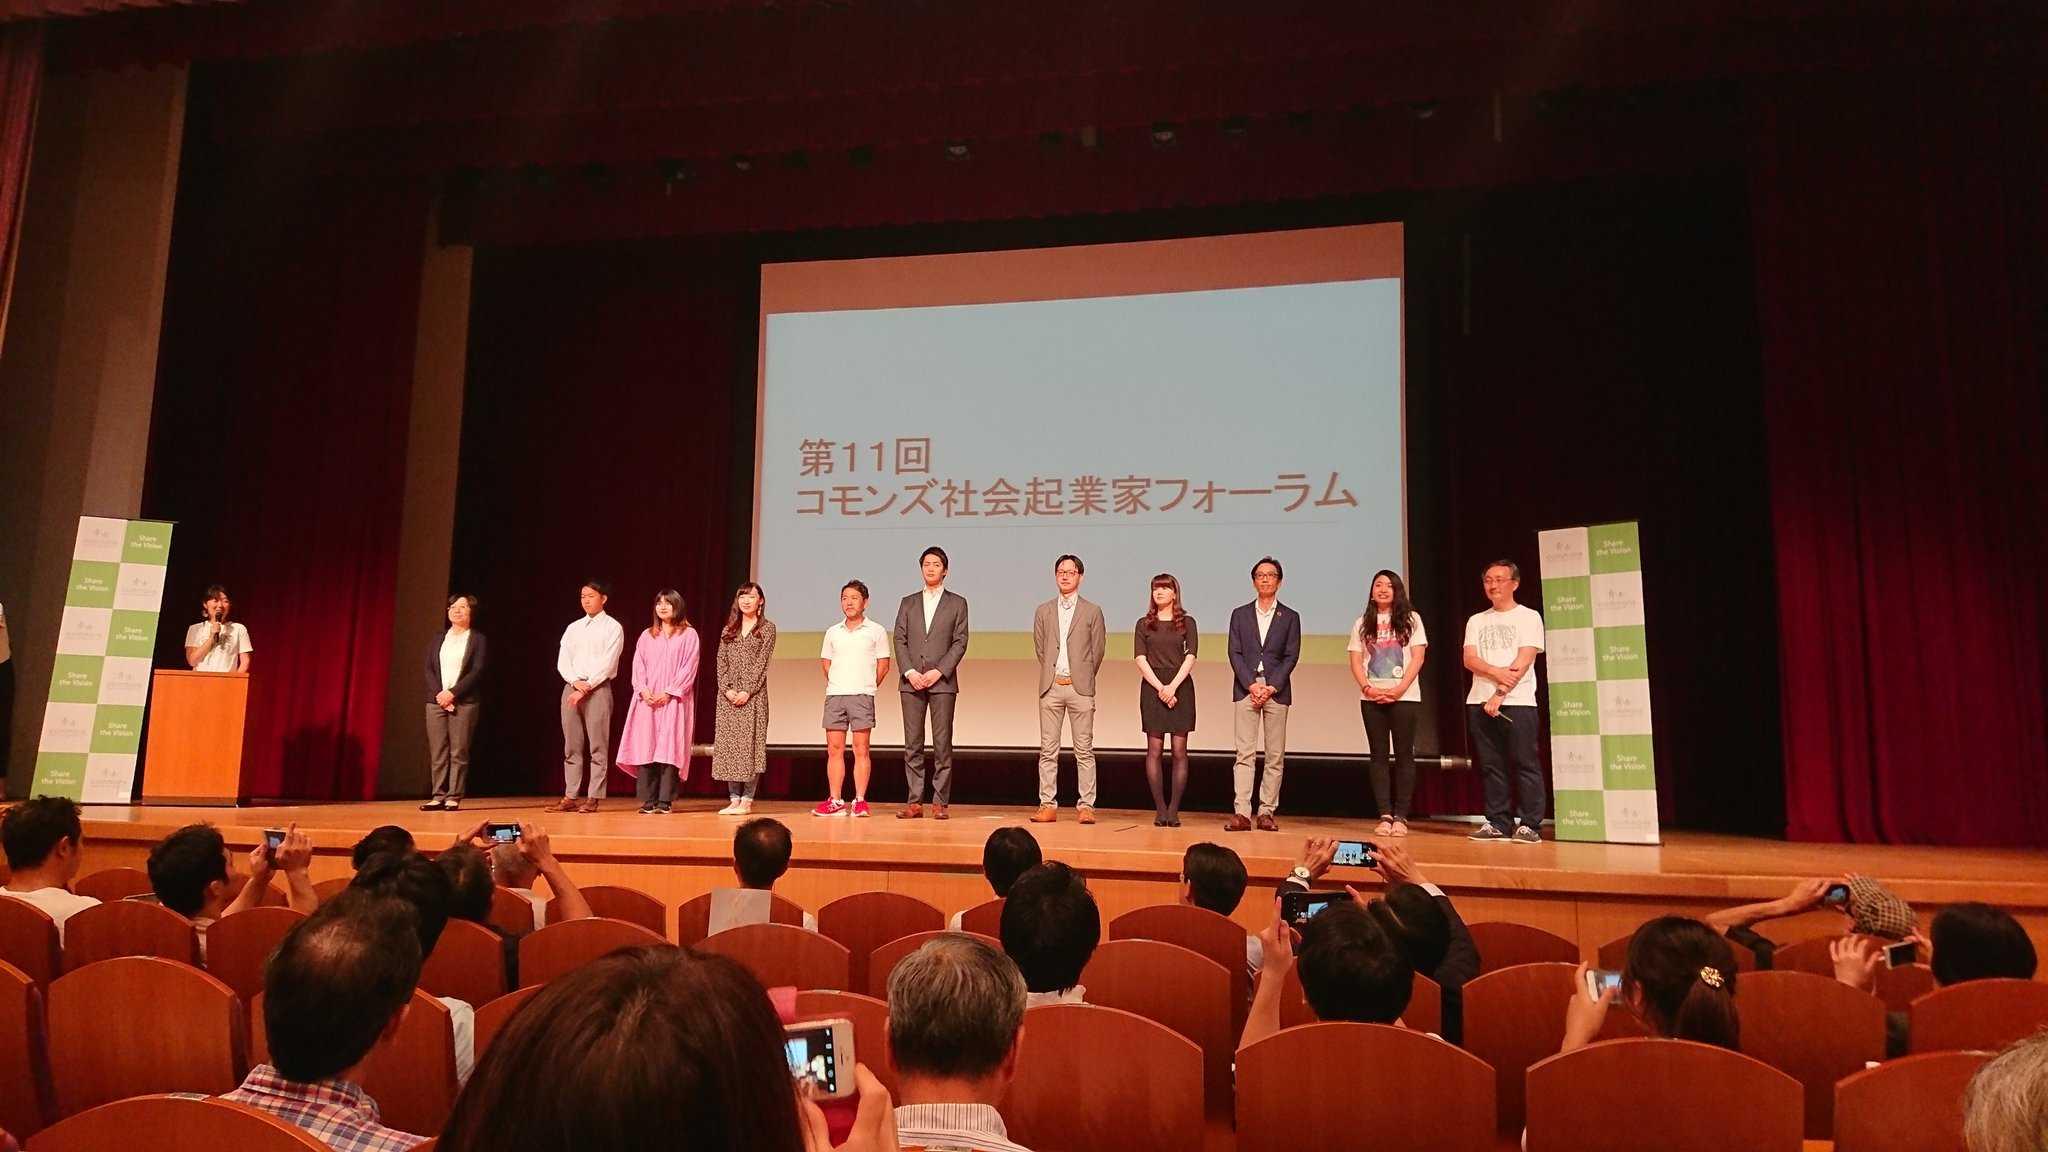 【お知らせ】第11回コモンズ社会起業家フォーラムに参加しました。